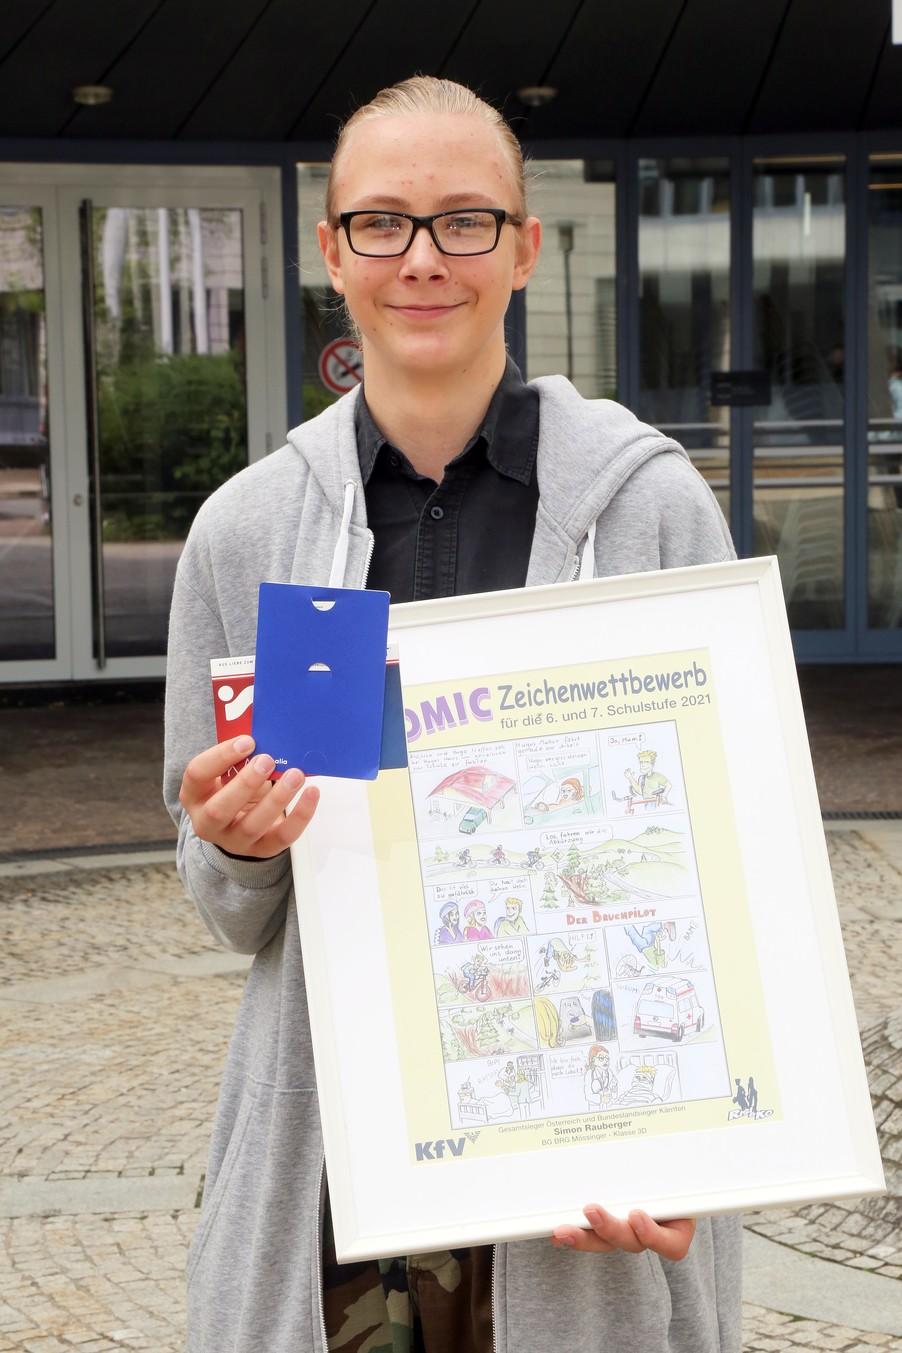 Bild 7   Schüler der BG BRG Mössinger gewinnt 1. Platz bei österreichweitem Zeichenwettbewerb